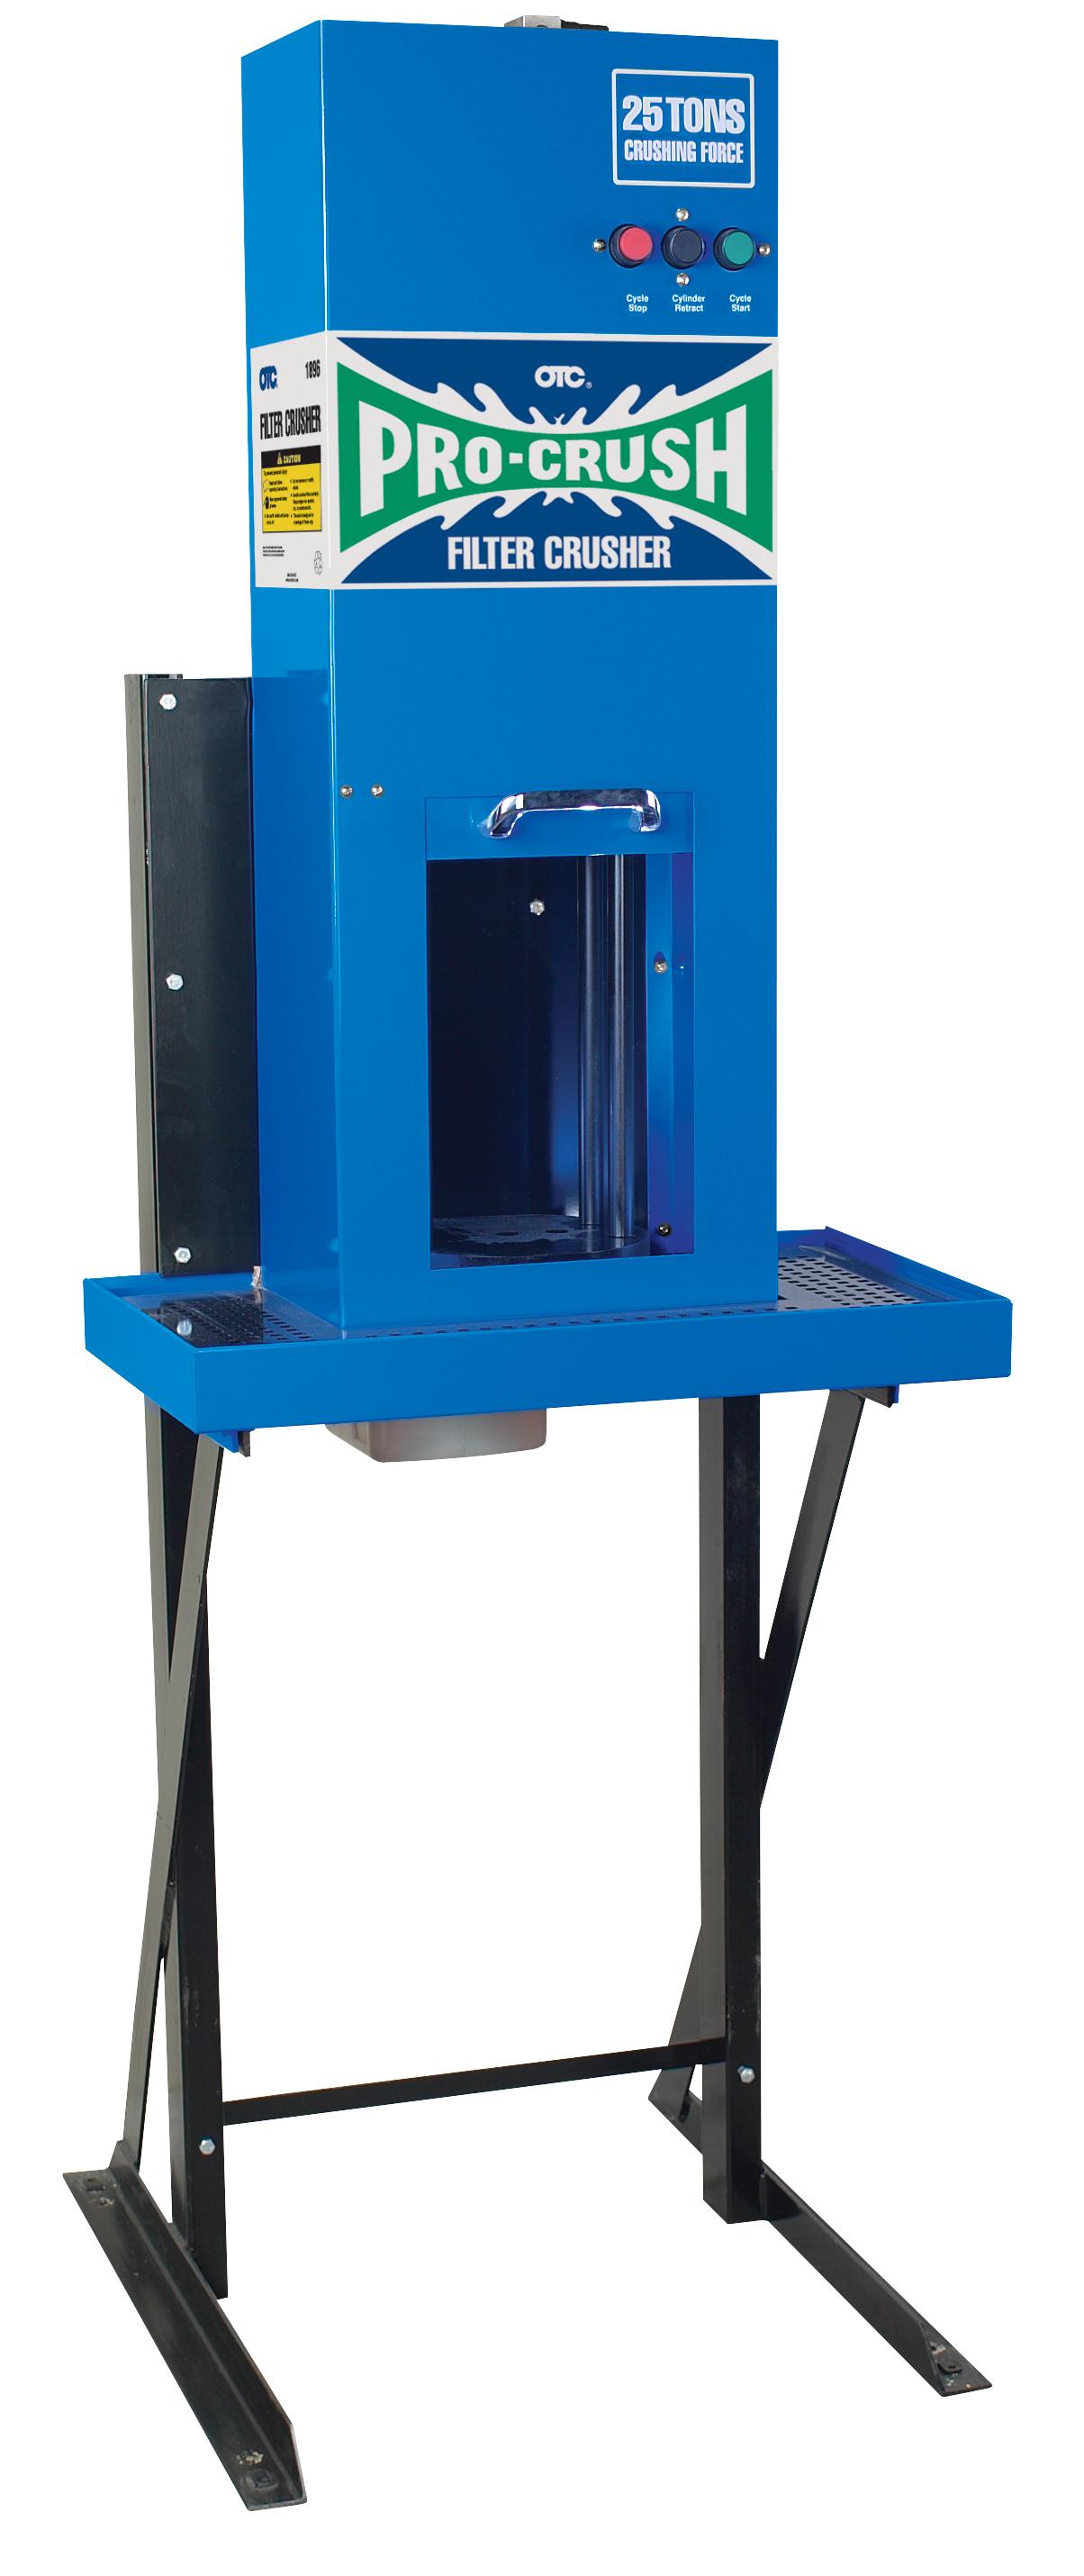 OTC 1896 Oil Filter Crusher (Elect/Hyd.) PartNumber: 00913852000P KsnValue: 7208396 MfgPartNumber: 1896